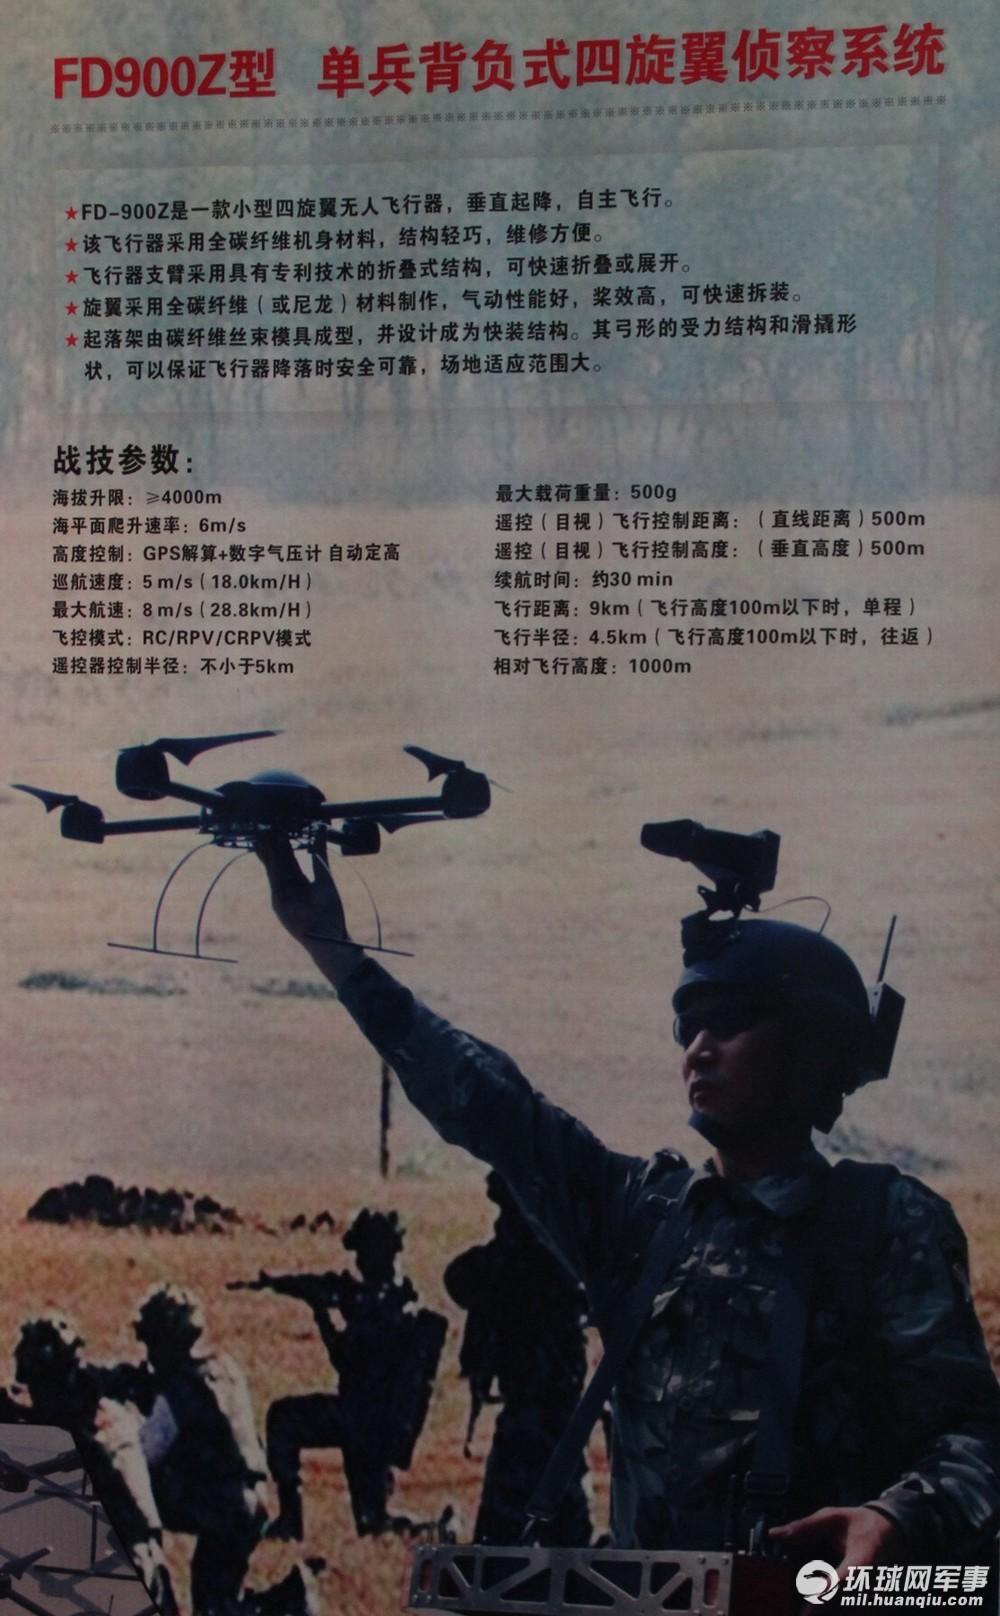 FD900Z型单兵背负式四旋翼无人侦察系统